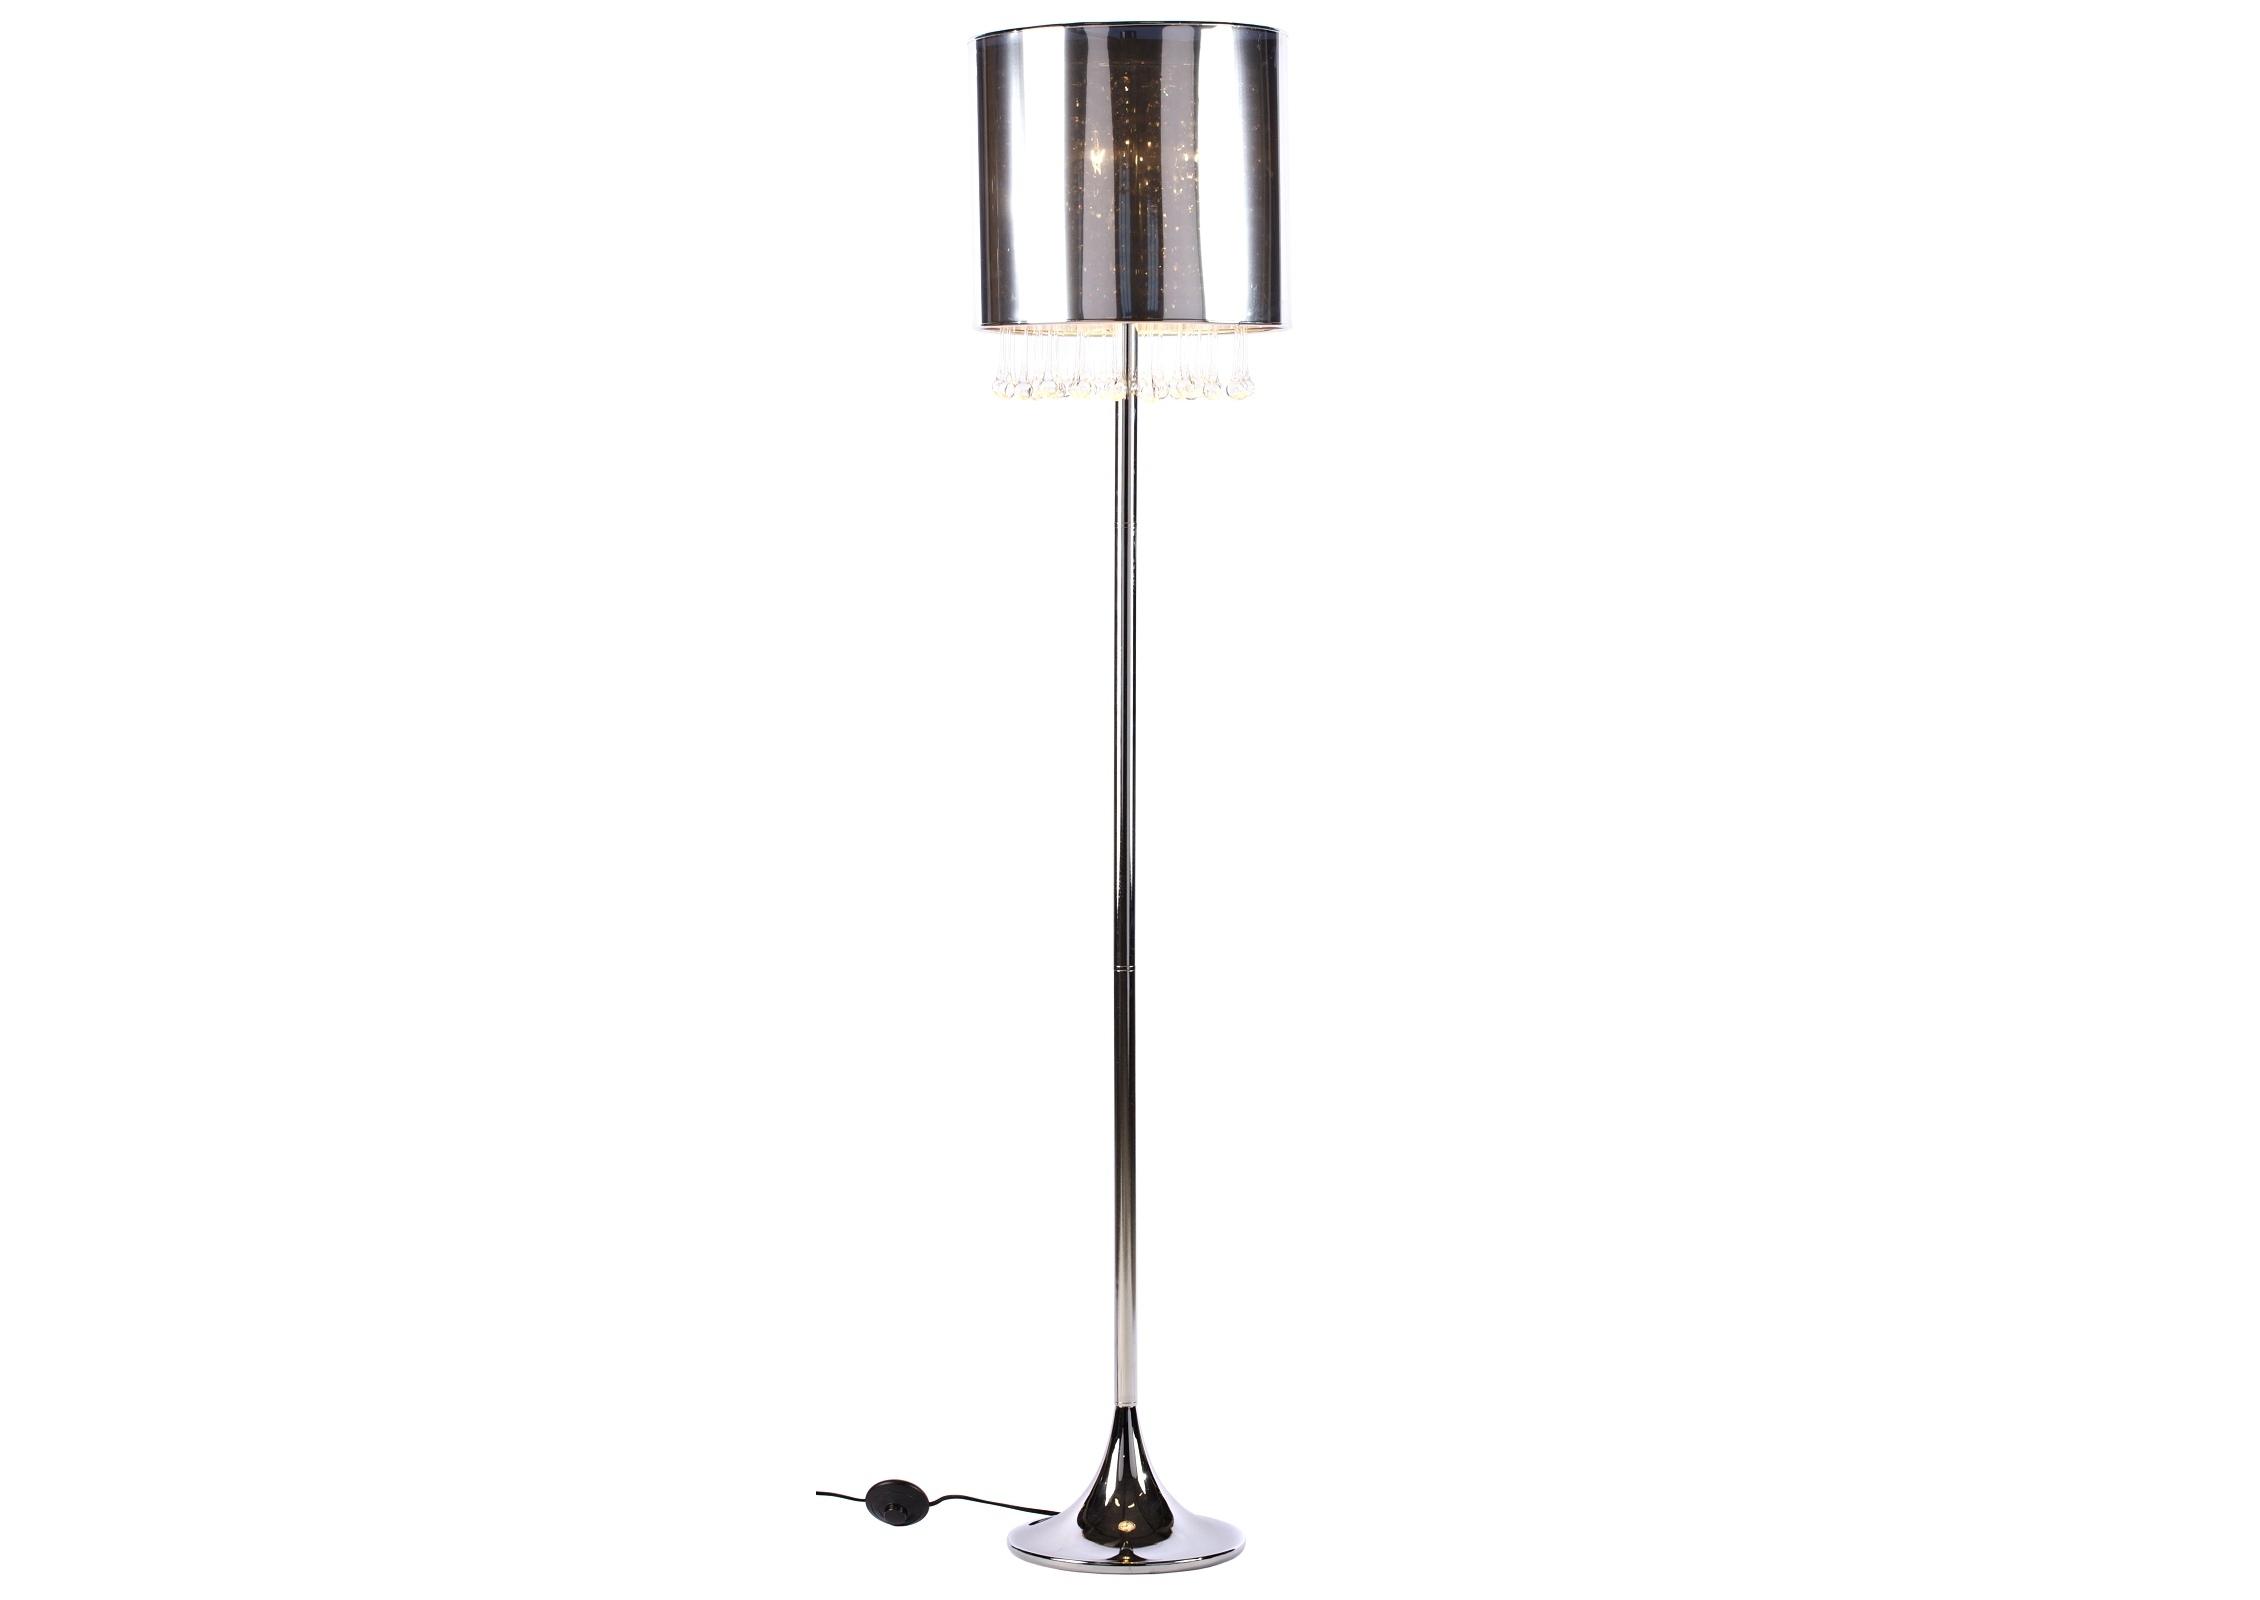 Торшер AmberТоршеры<br>Строгая, стильная напольная лампа с полупрозрачным абажуром из ПВХ и изящными стеклянными подвесками. Этот удобный элегантный торшер удачно подчеркнет классический и современный интерьер, создаст мягкое рассеянное освещение и атмосферу гармонии и уюта.&amp;amp;nbsp;&amp;lt;div&amp;gt;&amp;lt;br&amp;gt;&amp;lt;/div&amp;gt;&amp;lt;div&amp;gt;Размеры абажура: диаметр 34 см, высота 30 см.&amp;lt;div&amp;gt;&amp;lt;br&amp;gt;&amp;lt;/div&amp;gt;&amp;lt;div&amp;gt;Цоколь: E14&amp;lt;/div&amp;gt;&amp;lt;div&amp;gt;Мощность лампы: 60W&amp;lt;/div&amp;gt;&amp;lt;div&amp;gt;Количество ламп: 3&amp;lt;/div&amp;gt;&amp;lt;/div&amp;gt;<br><br>Material: Пластик<br>Height см: 175<br>Diameter см: 33